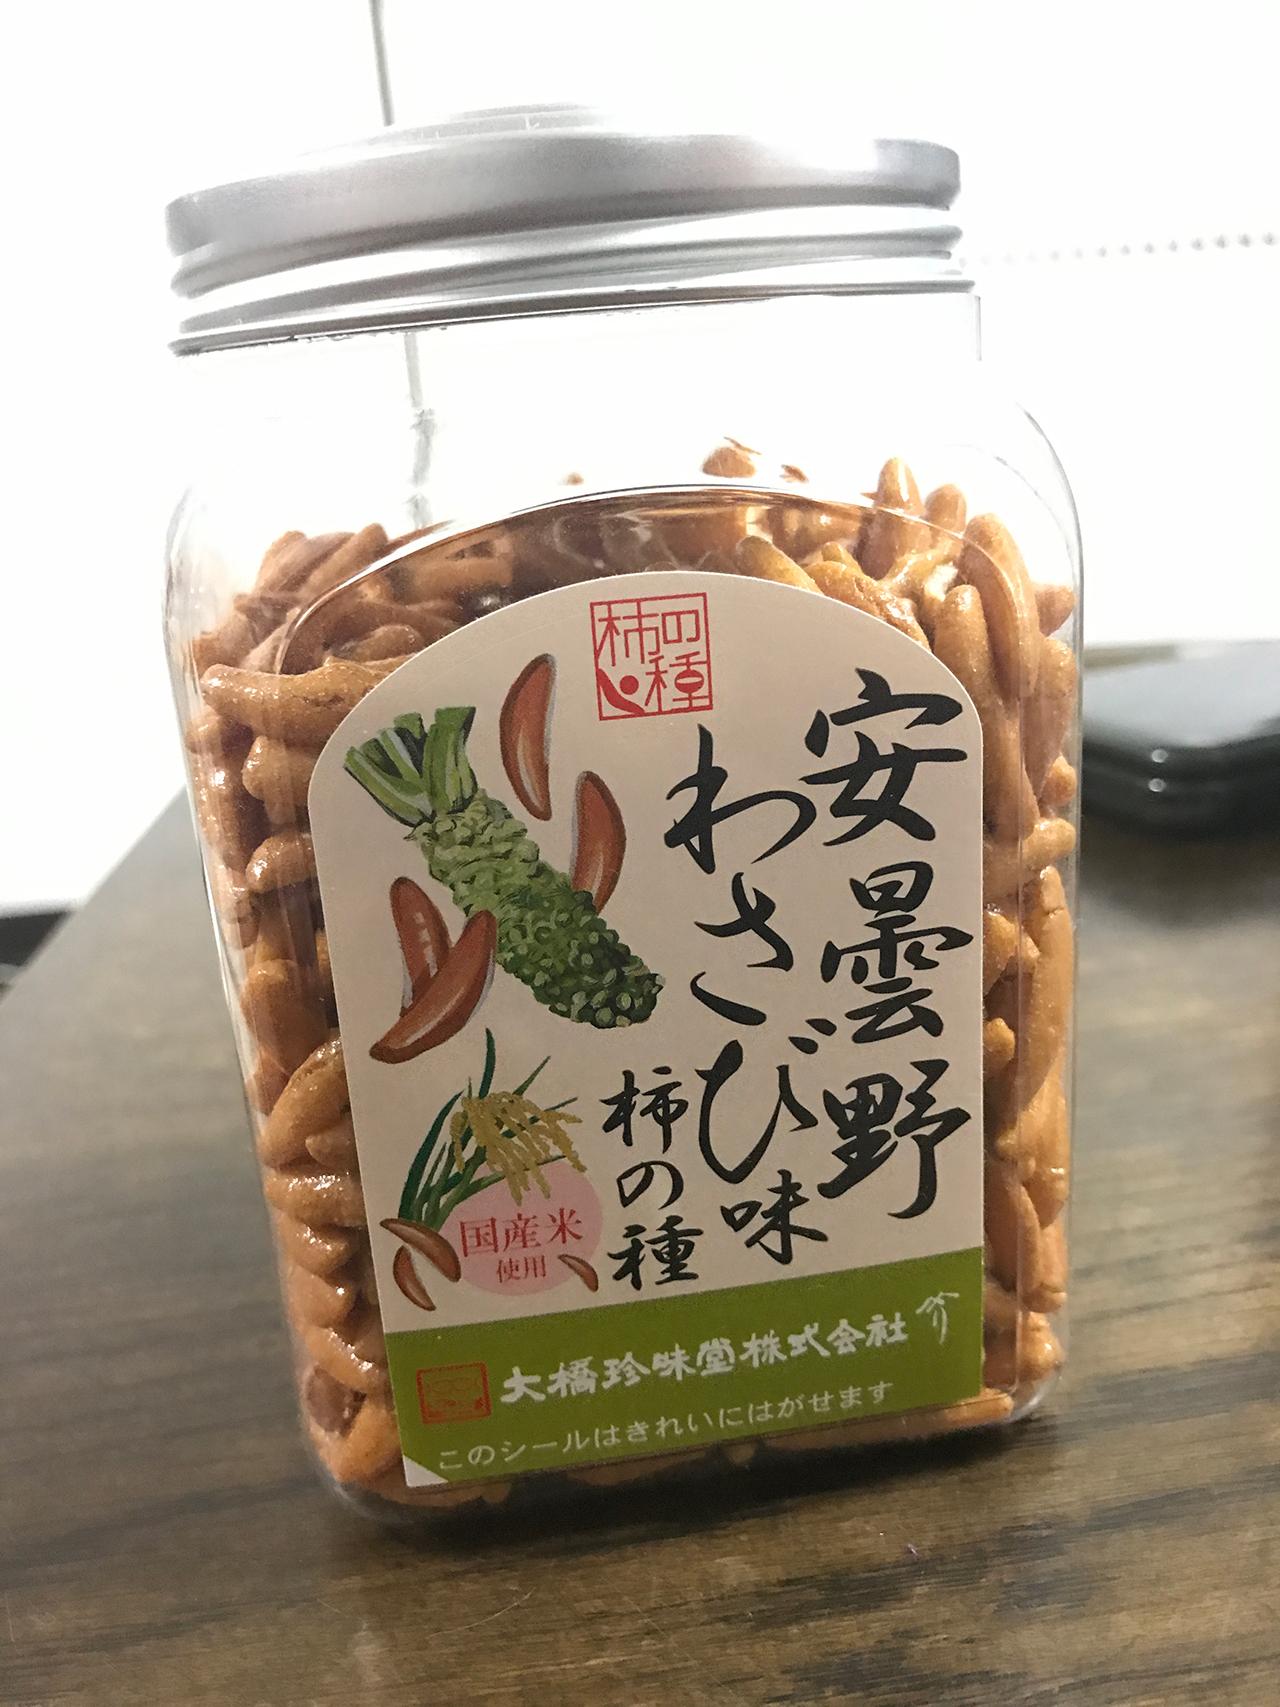 柿の種は亀田製菓だけじゃない!大橋珍味堂の柿の種安曇野わさび味が美味い!